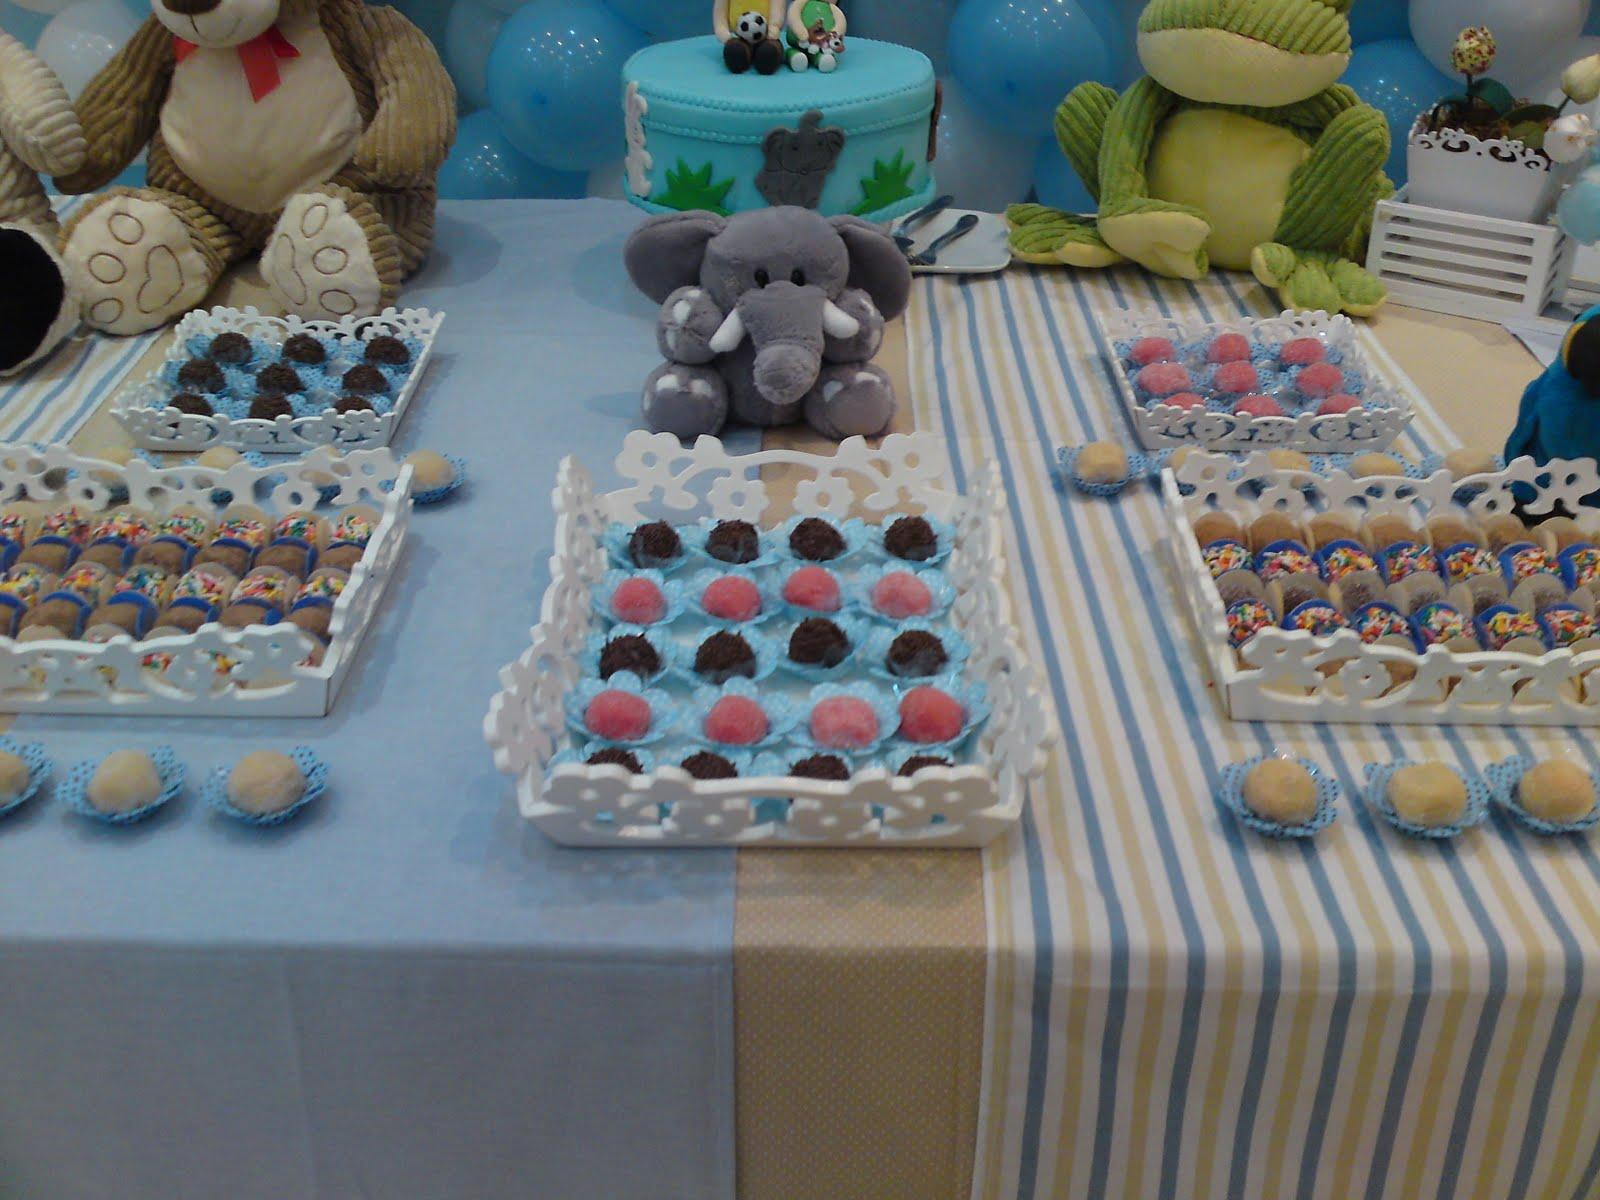 decoracao festa simples:, Festa infantil, Eventos, Festa a domicilio, Decoração: O simples